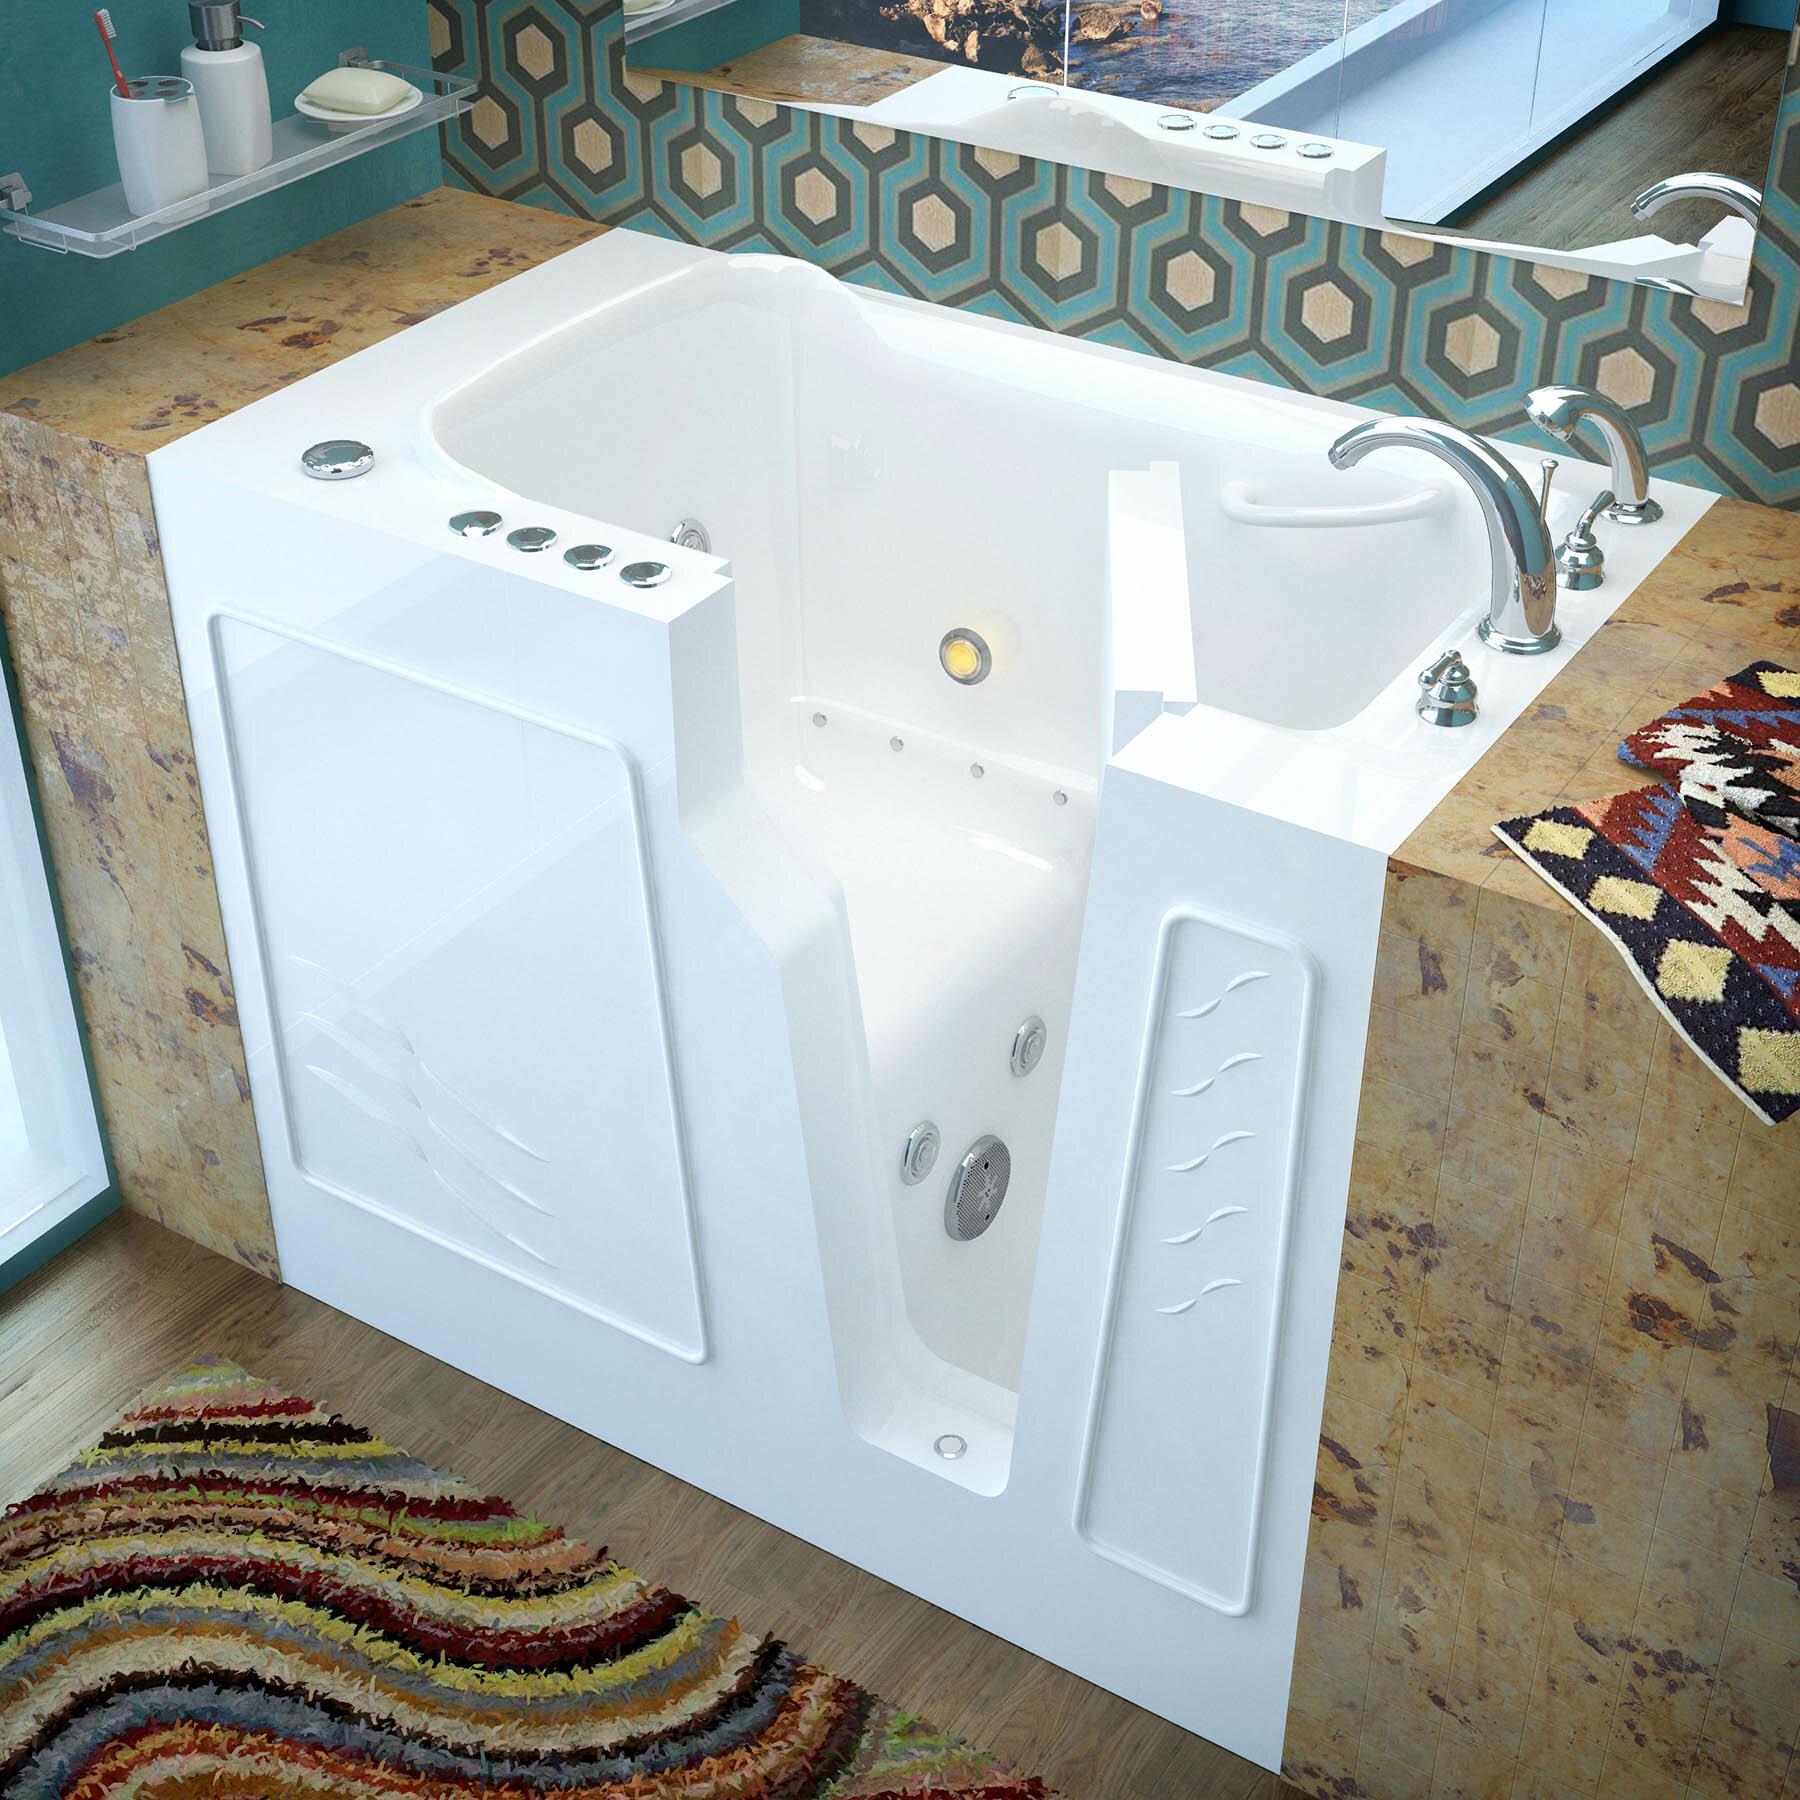 Therapeutic Tubs Prairie 45 8 X 26 Walk In Air Whirlpool Bathtub Wayfair